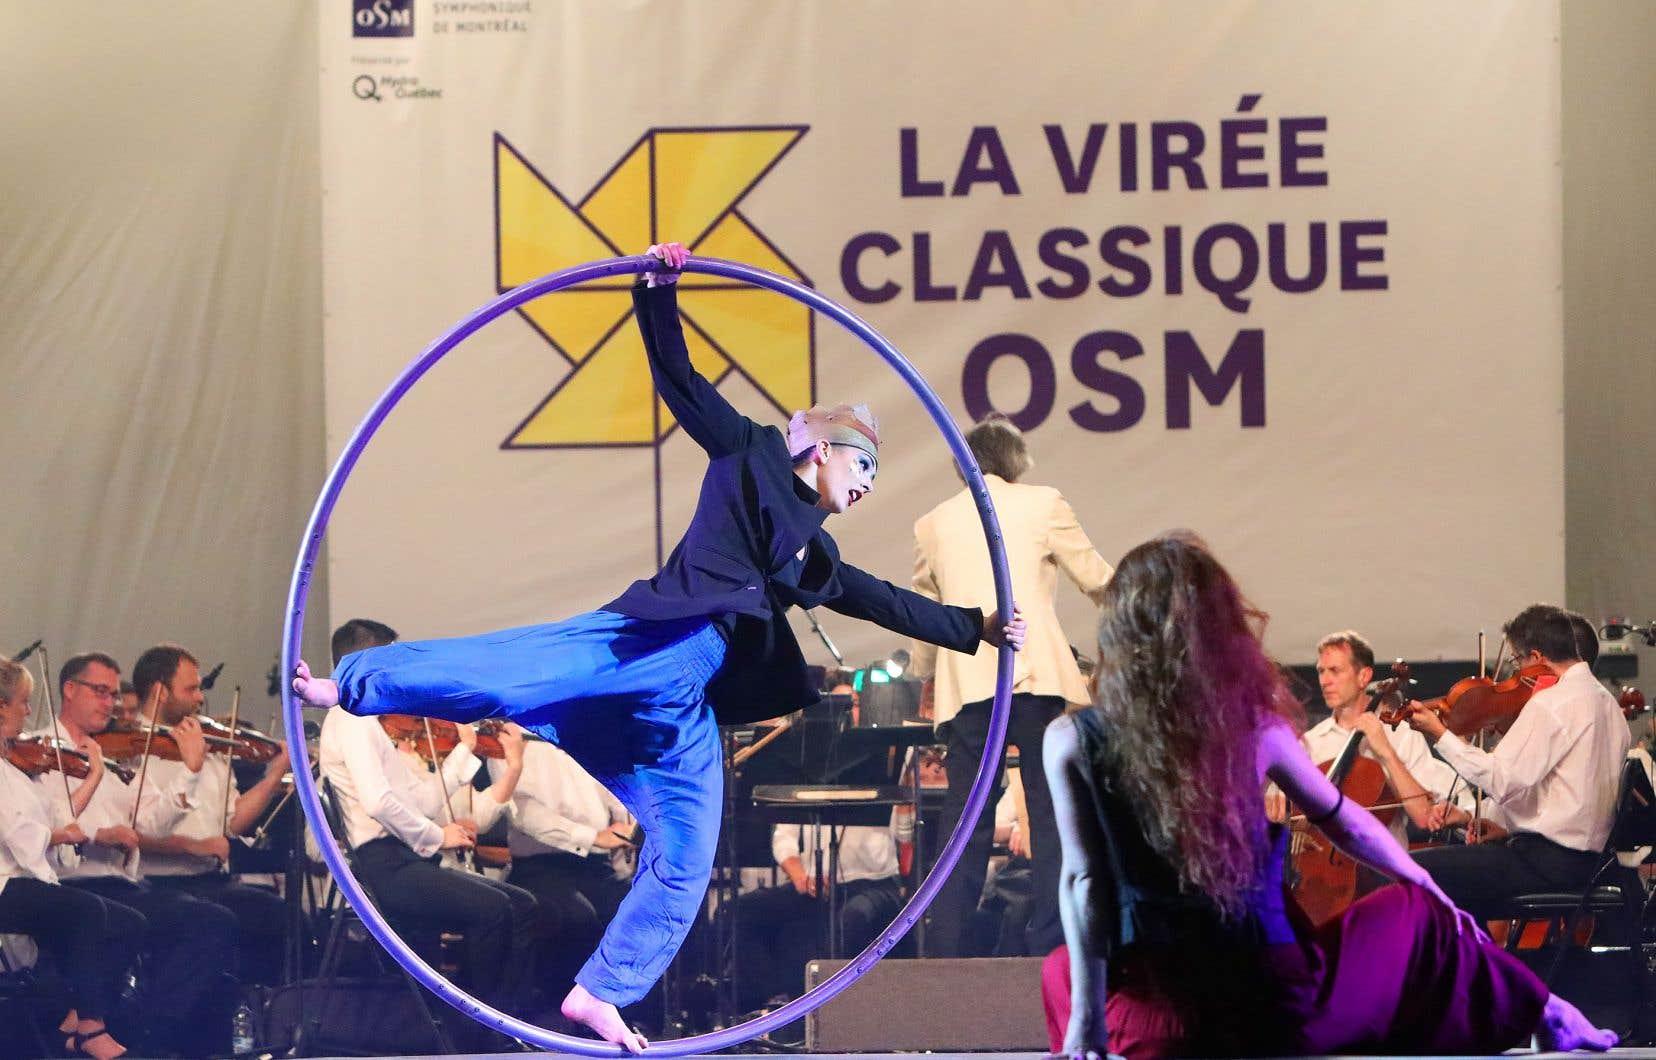 La prestation du Cirque Éloize dans «Shéhérazade» a été très narrative avec des numéros individuels remarquables au sein de tableaux souvent étranges.